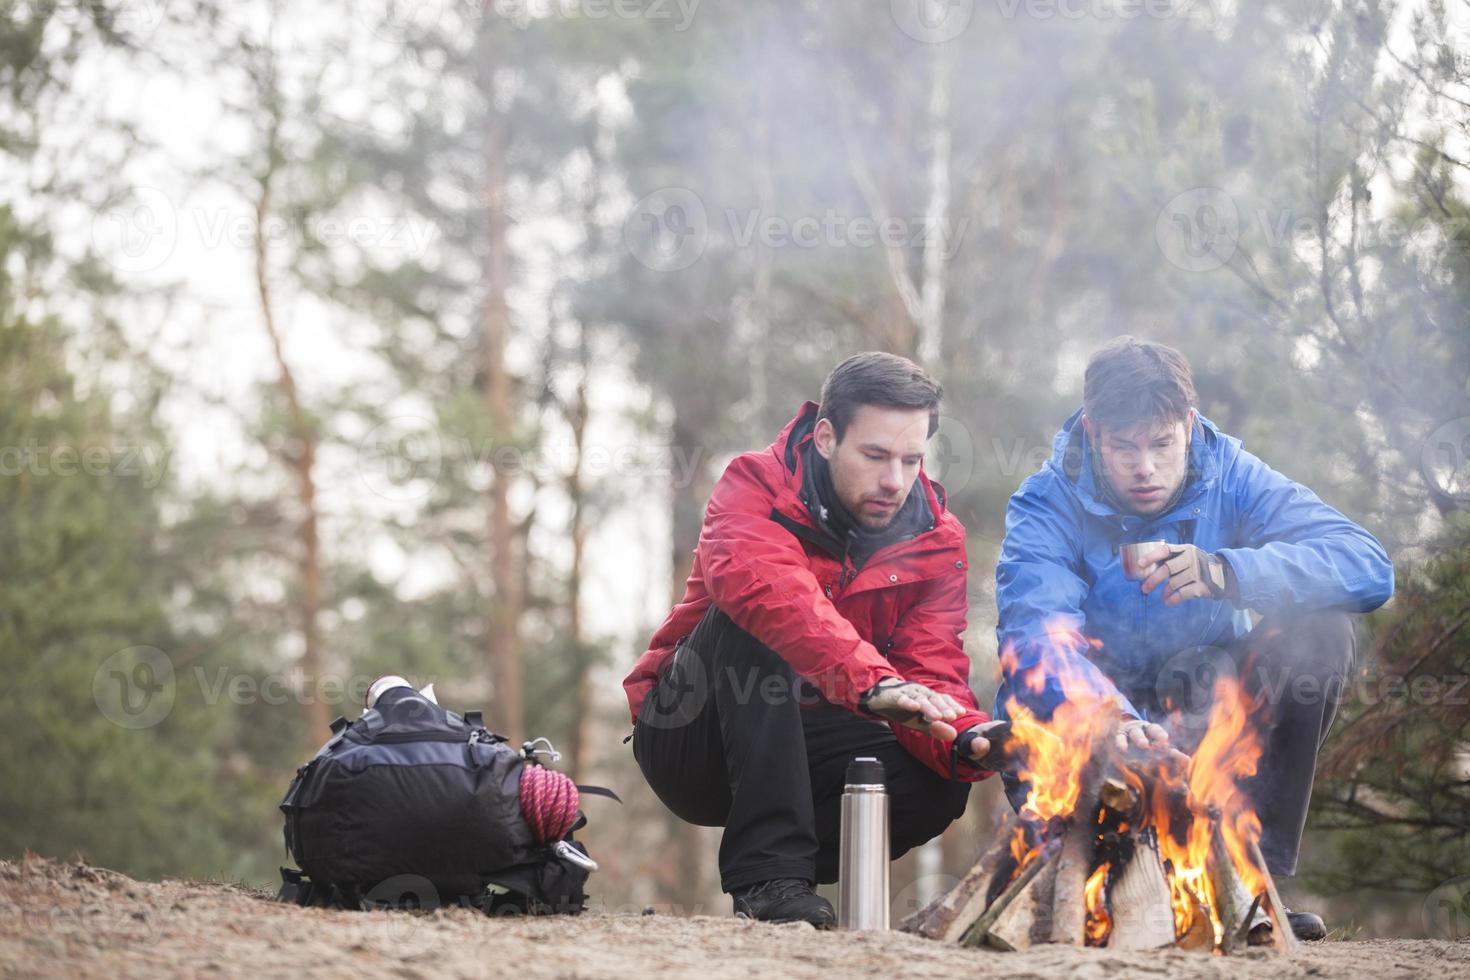 männliche Wanderer, die Hände am Lagerfeuer im Wald wärmen foto